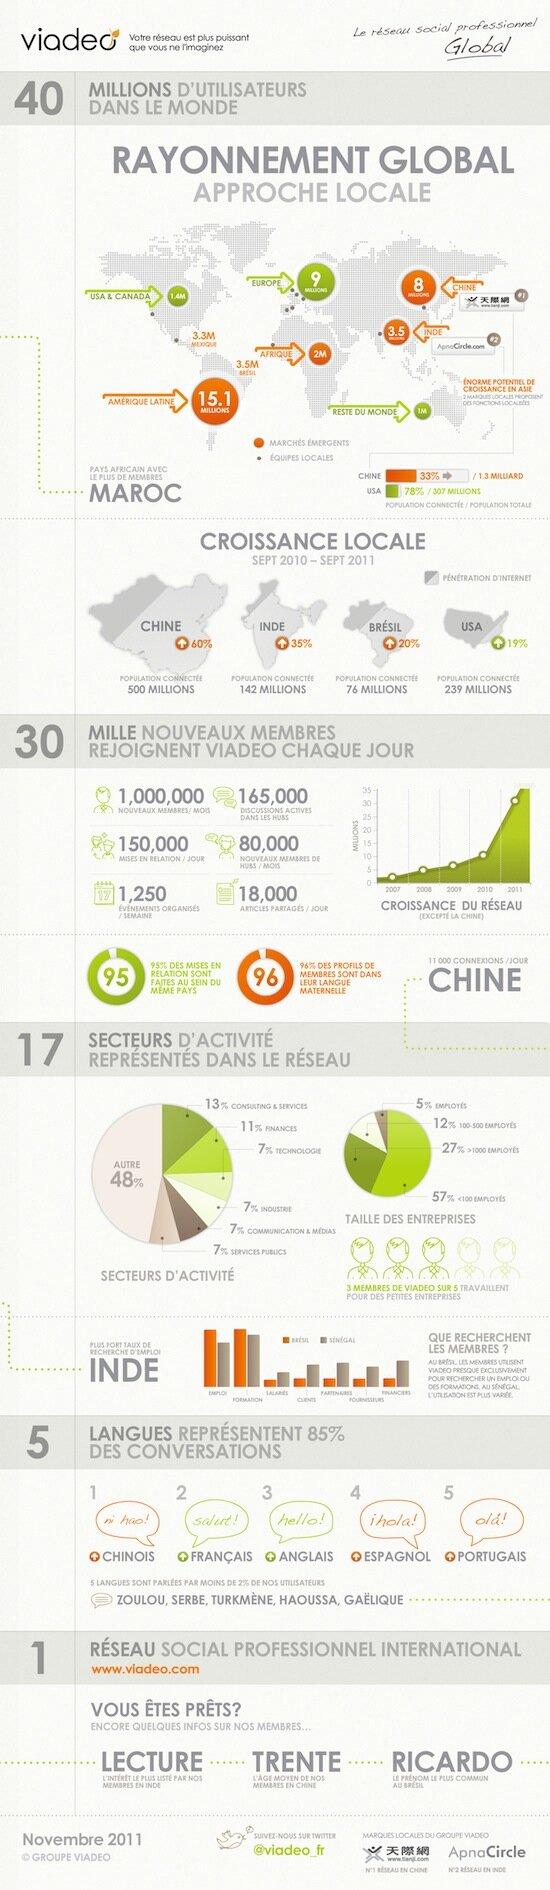 Viadeo infographie